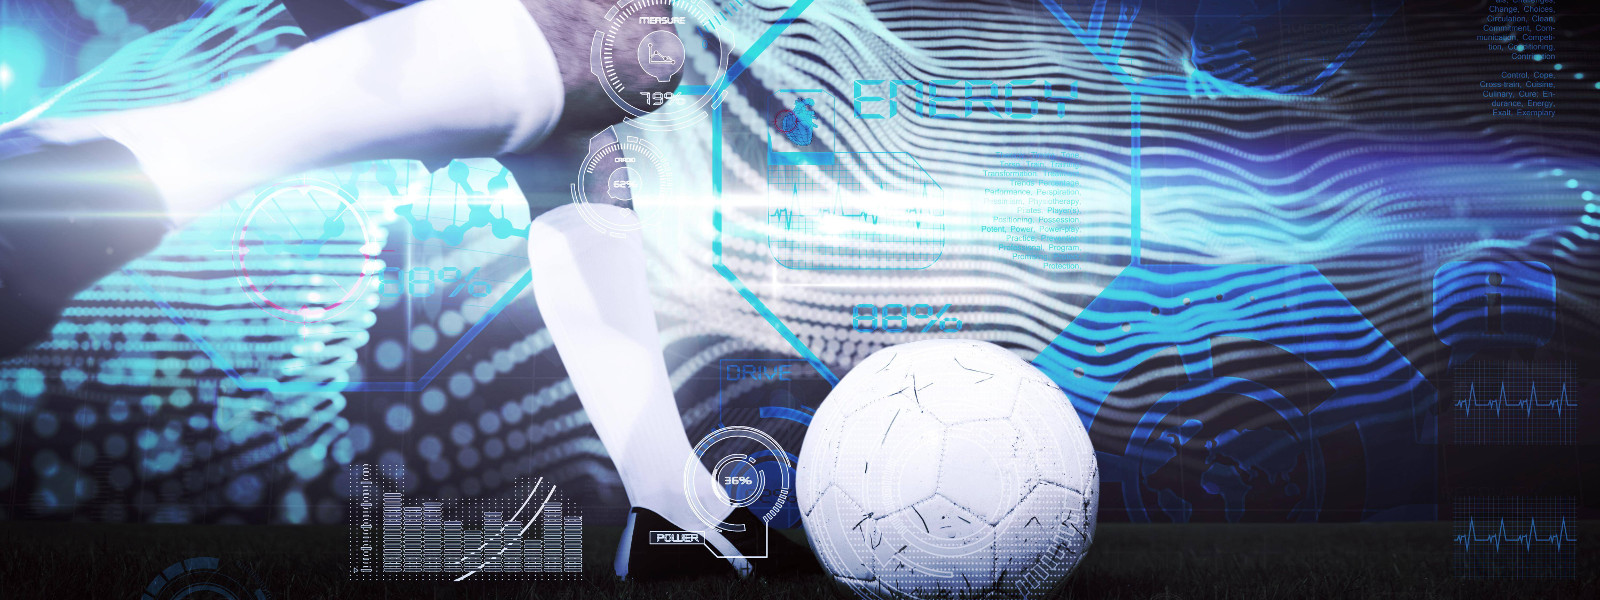 [Translate to German:] Fußballer am Ball in futuristischer Umgebung